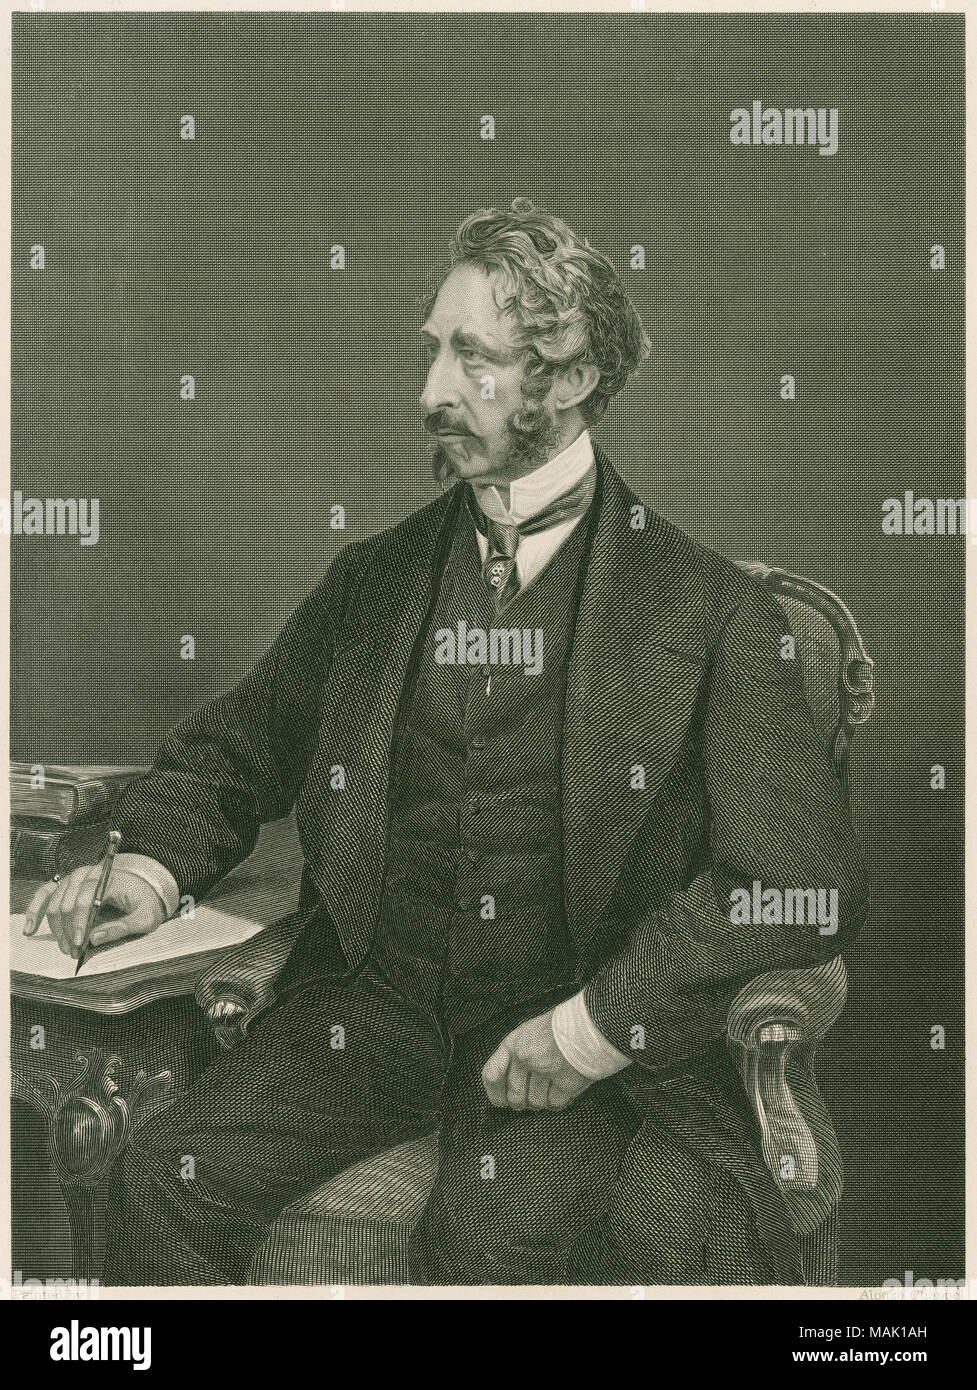 C Antique1885 gravure sur acier, Edward Bulwer-Lytton. Edouard George Earle Lytton Bulwer-Lytton, 1er baron Lytton (1803-1873) était un romancier, poète, dramaturge, et homme politique. SOURCE: gravure originale Banque D'Images